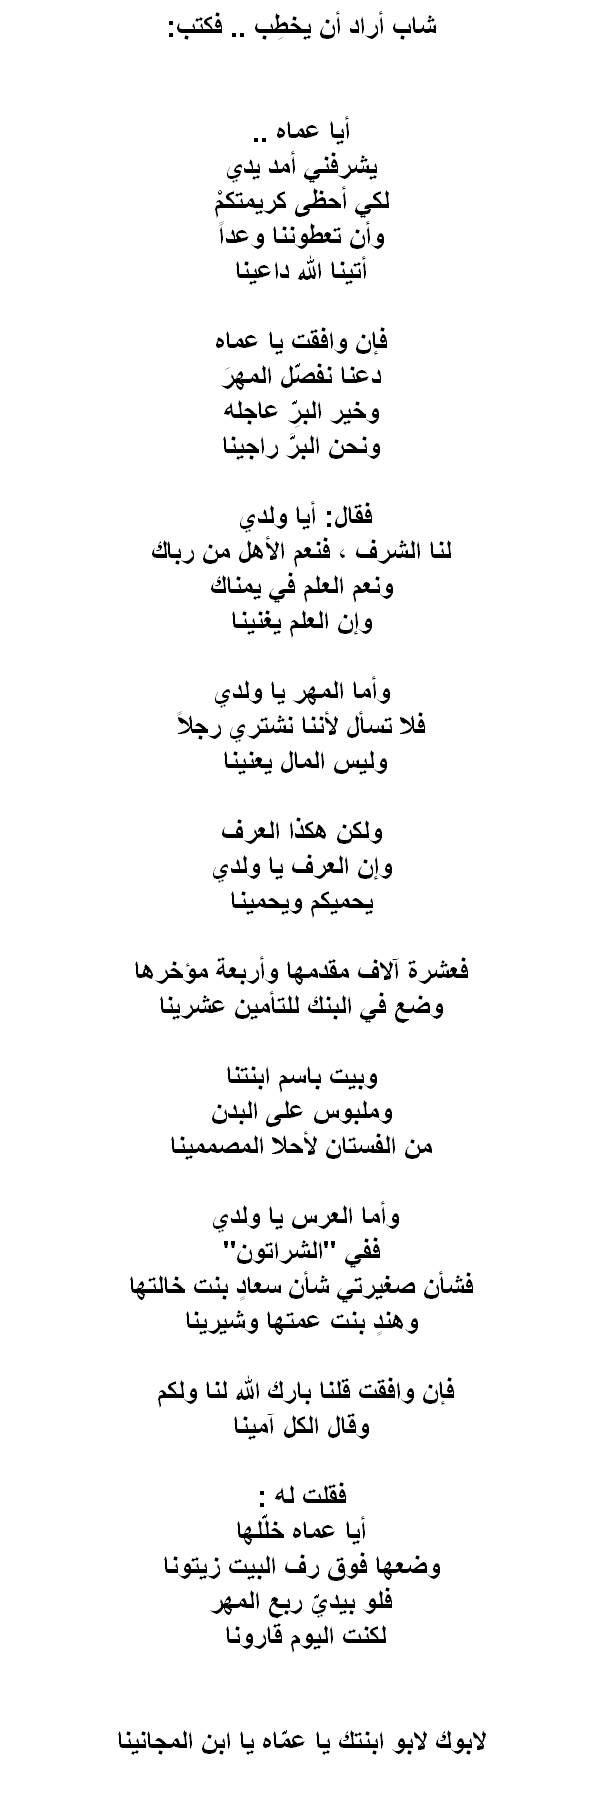 الخطيب الشاعر